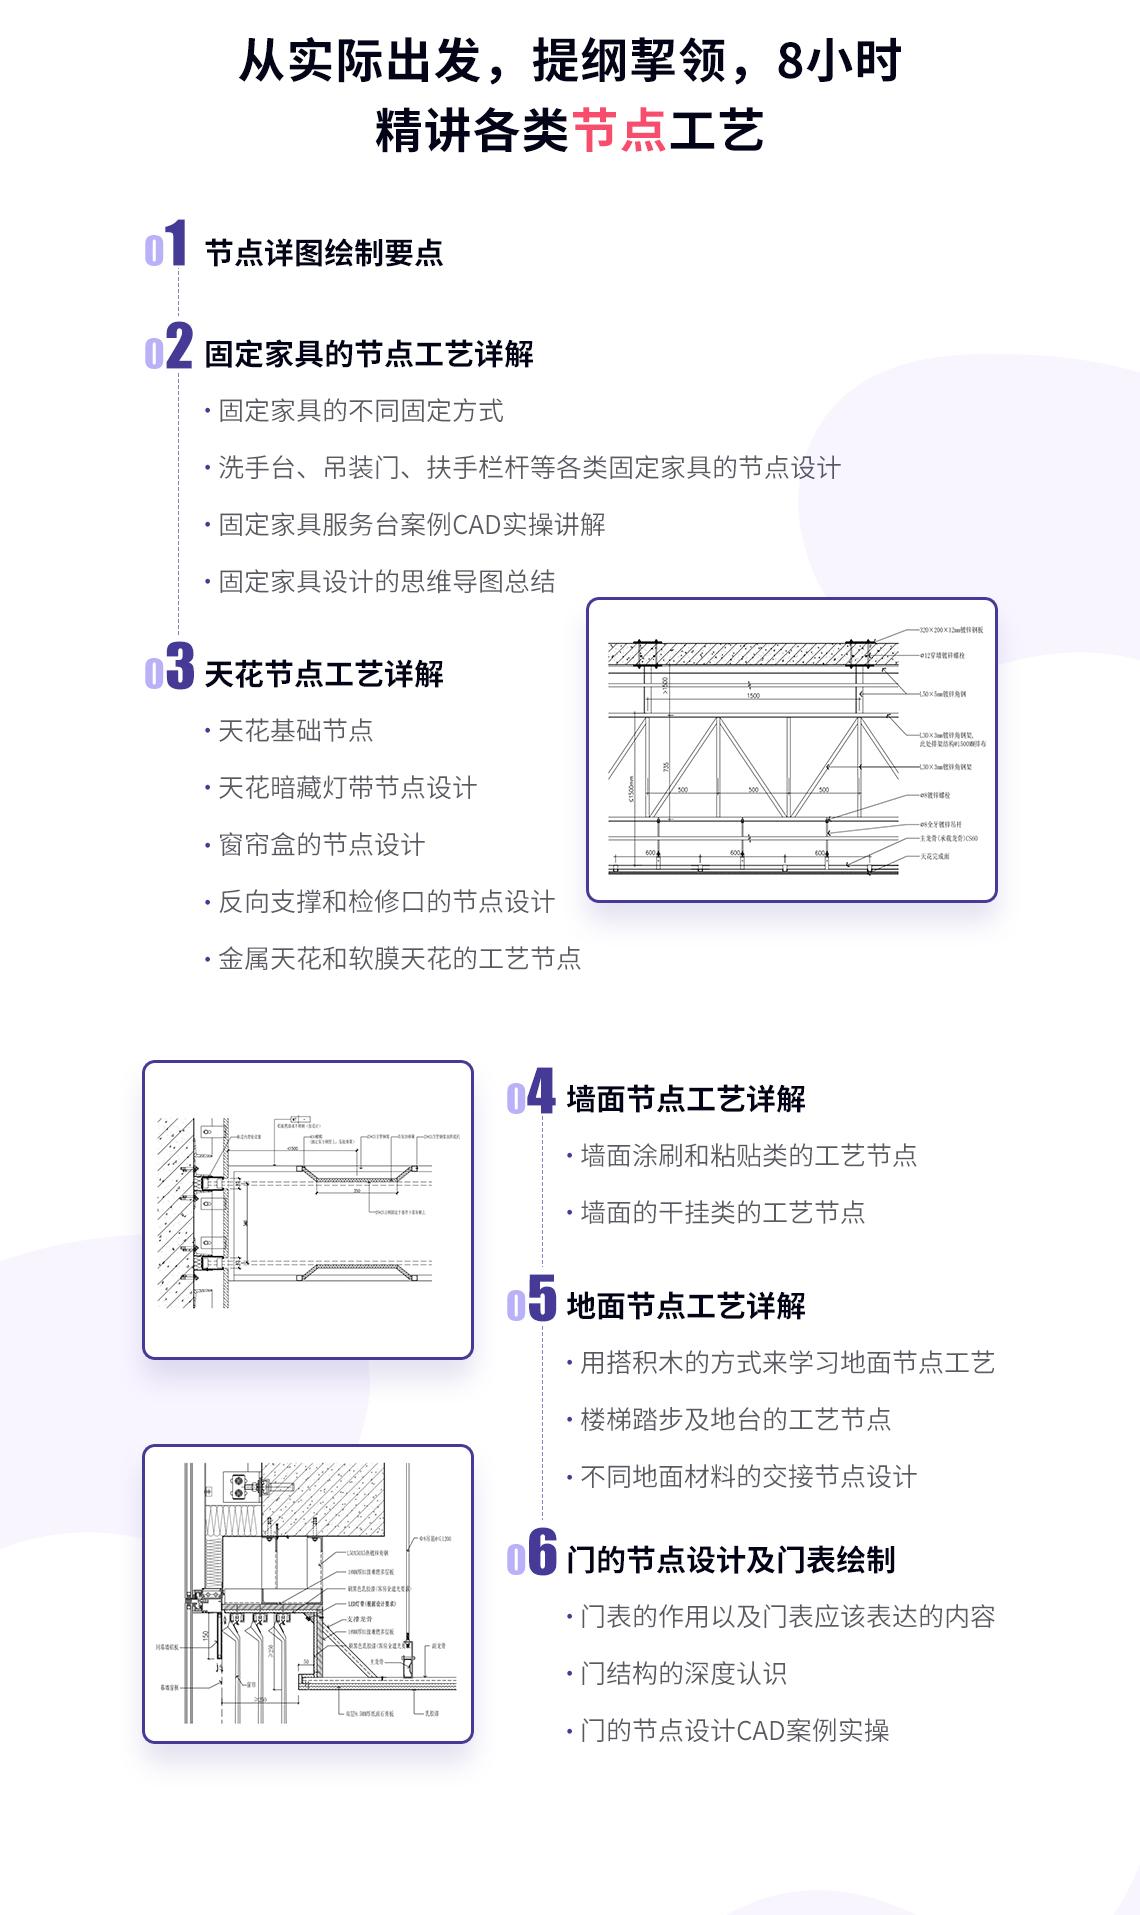 从实际出发,提纲挈领,8小时精讲各类节点工艺。1.节点详图绘制要点。2.固定家具的节点工艺详解:不同家具的不同固定方式,洗手台、吊装门、扶手栏杆等各类固定家具的节点设计,固定家具服务台案例CAD实操详解,固定家具设计的思维导图总结。3.天花节点工艺详解:天花基础节点,天花暗藏灯带节点设计,窗帘盒的节点设计,反向职称和检修口的节点设计,金属天花和软膜天花的工艺节点。4.墙面节点工艺详解:墙面涂刷和粘贴类的工艺节点,墙面的干挂类的工艺节点。5.地面工艺节点详解:用搭积木的方式来学习地面节点工艺,楼梯踏步及地台的工艺节点,不同地面材料的交接节点设计。6.闷得节点设计及门表绘制:门表的作用以及门表应该表达的内容,门结构的深度认识,门的节点设计CAD案例实操。